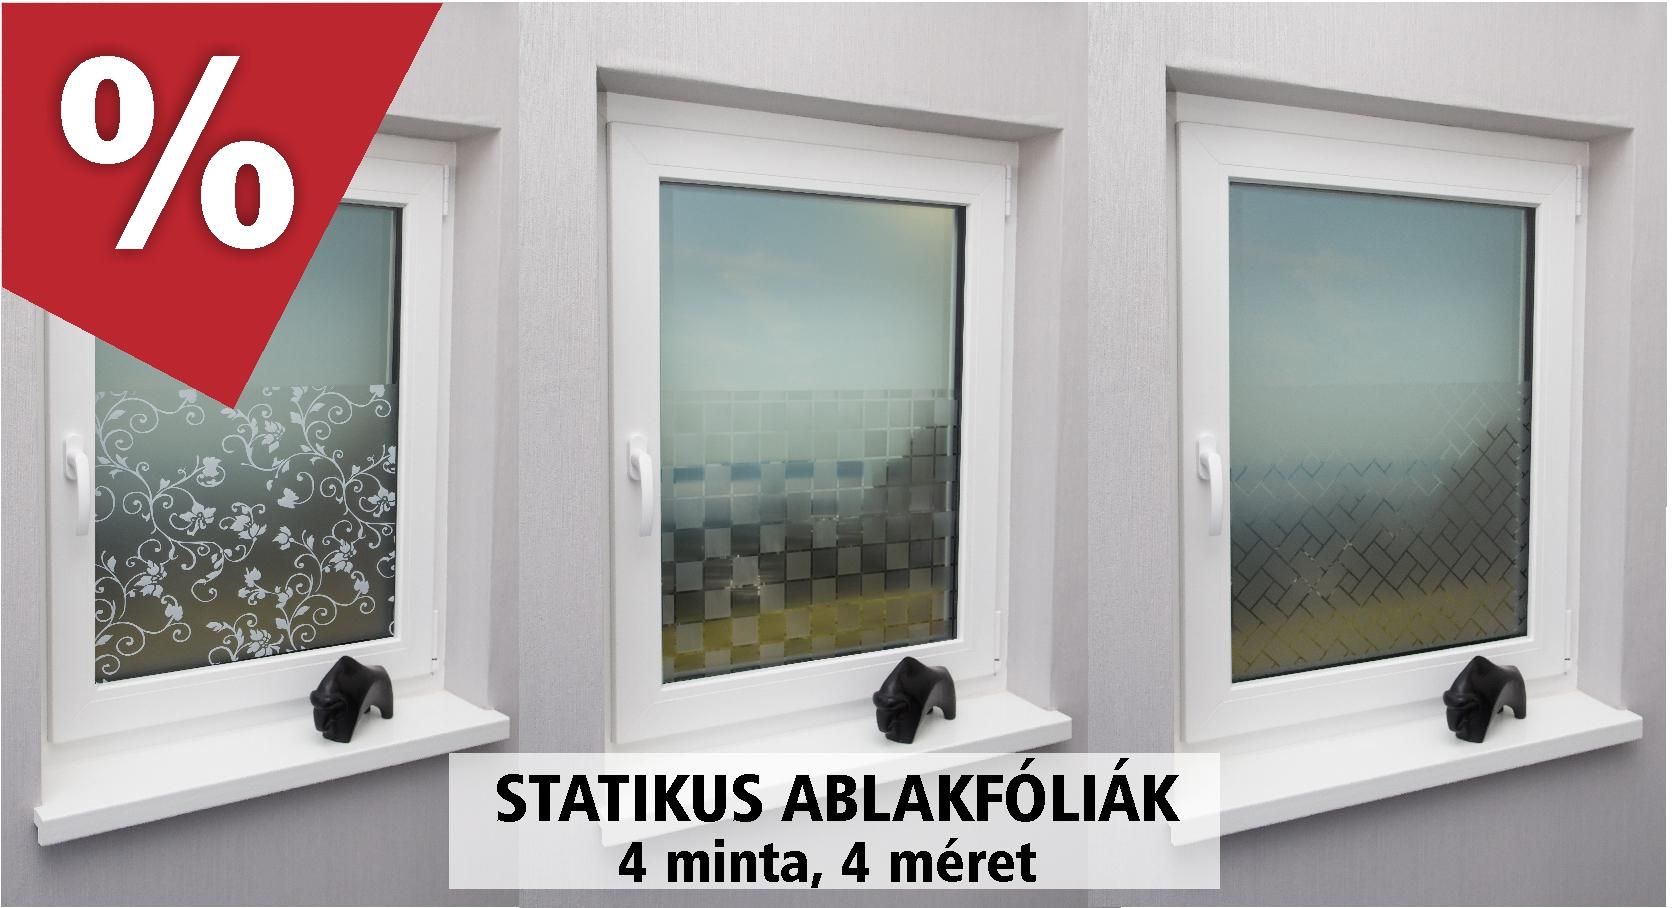 Statikus ablakfóliák 4 mintával, 4 méretben - www.karnisstudio.hu